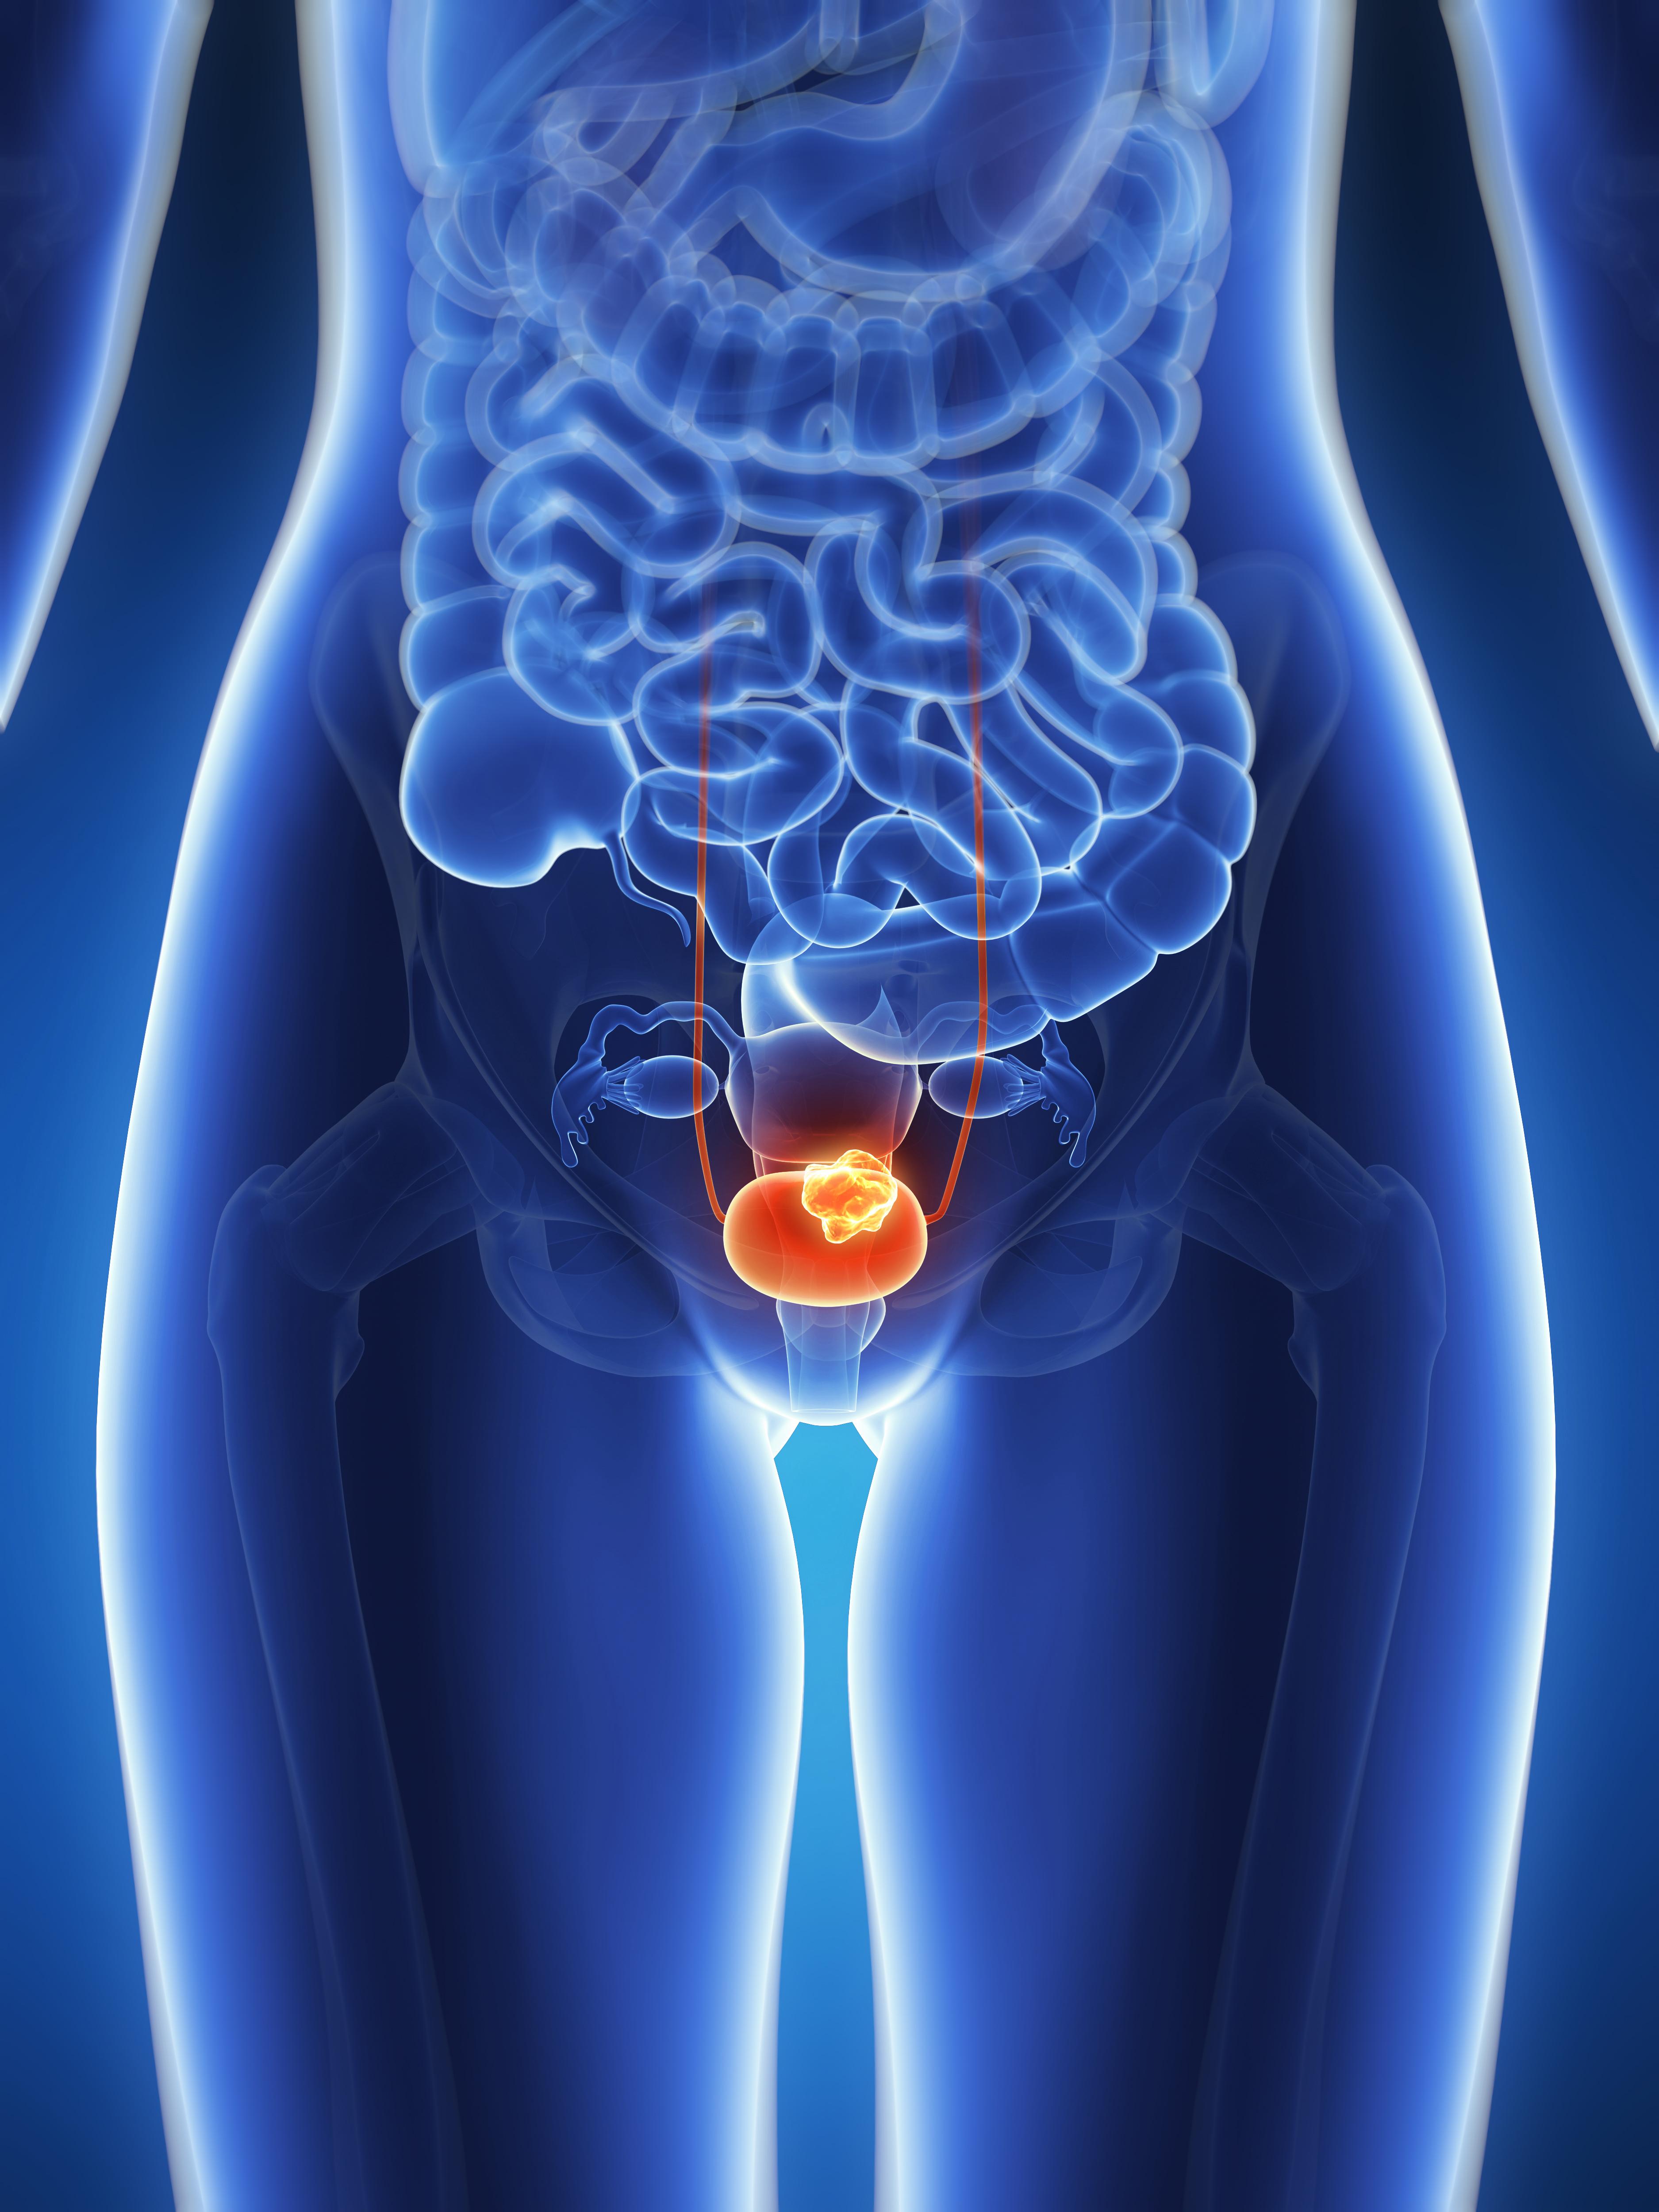 膀胱癌介紹:症狀與放射、化療、免疫治療方式說明